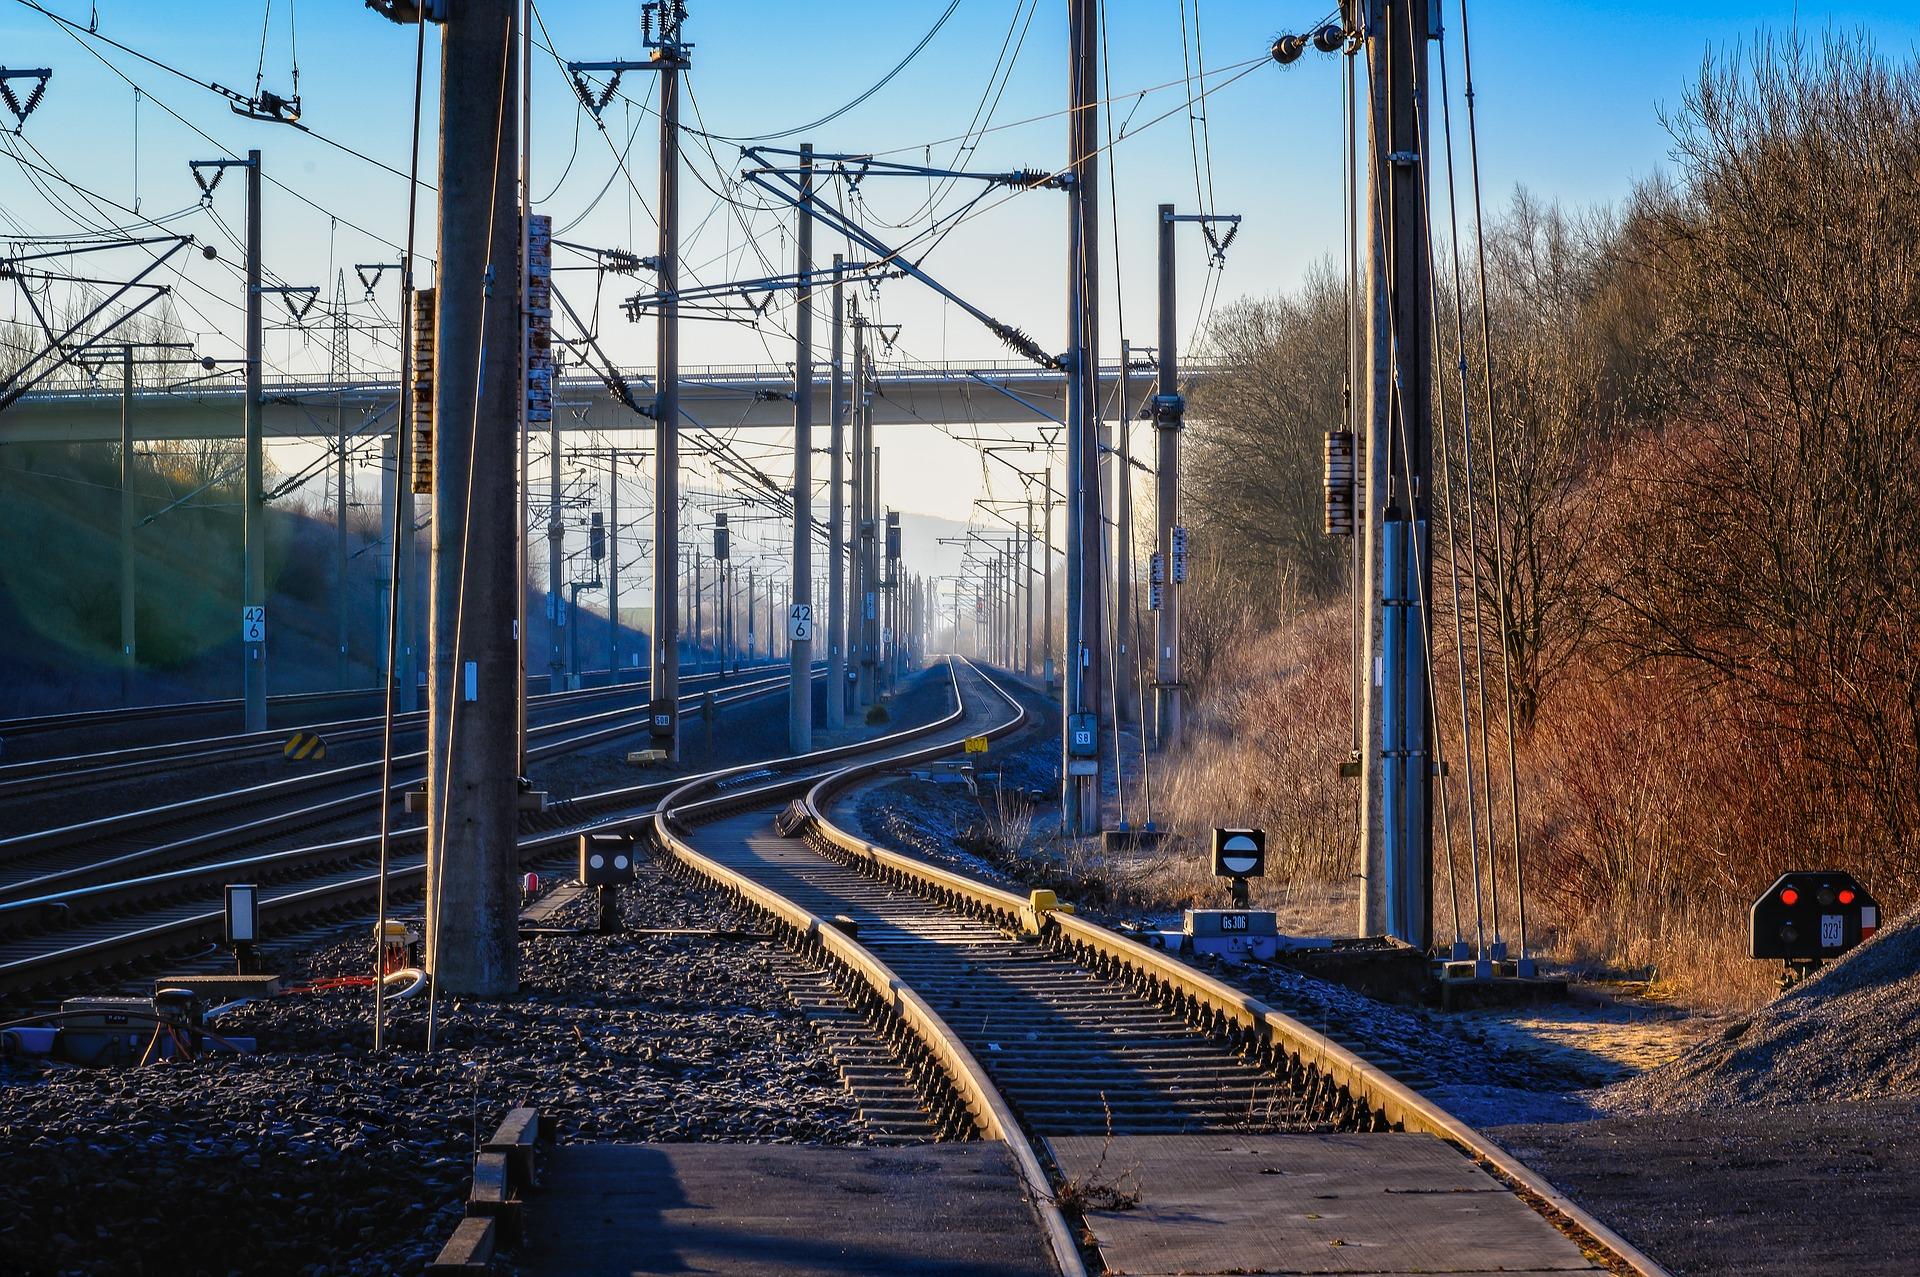 Железнодорожные вокзалы Арзамас-1 и Арзамас-2 будут отремонтированы в 2020 году